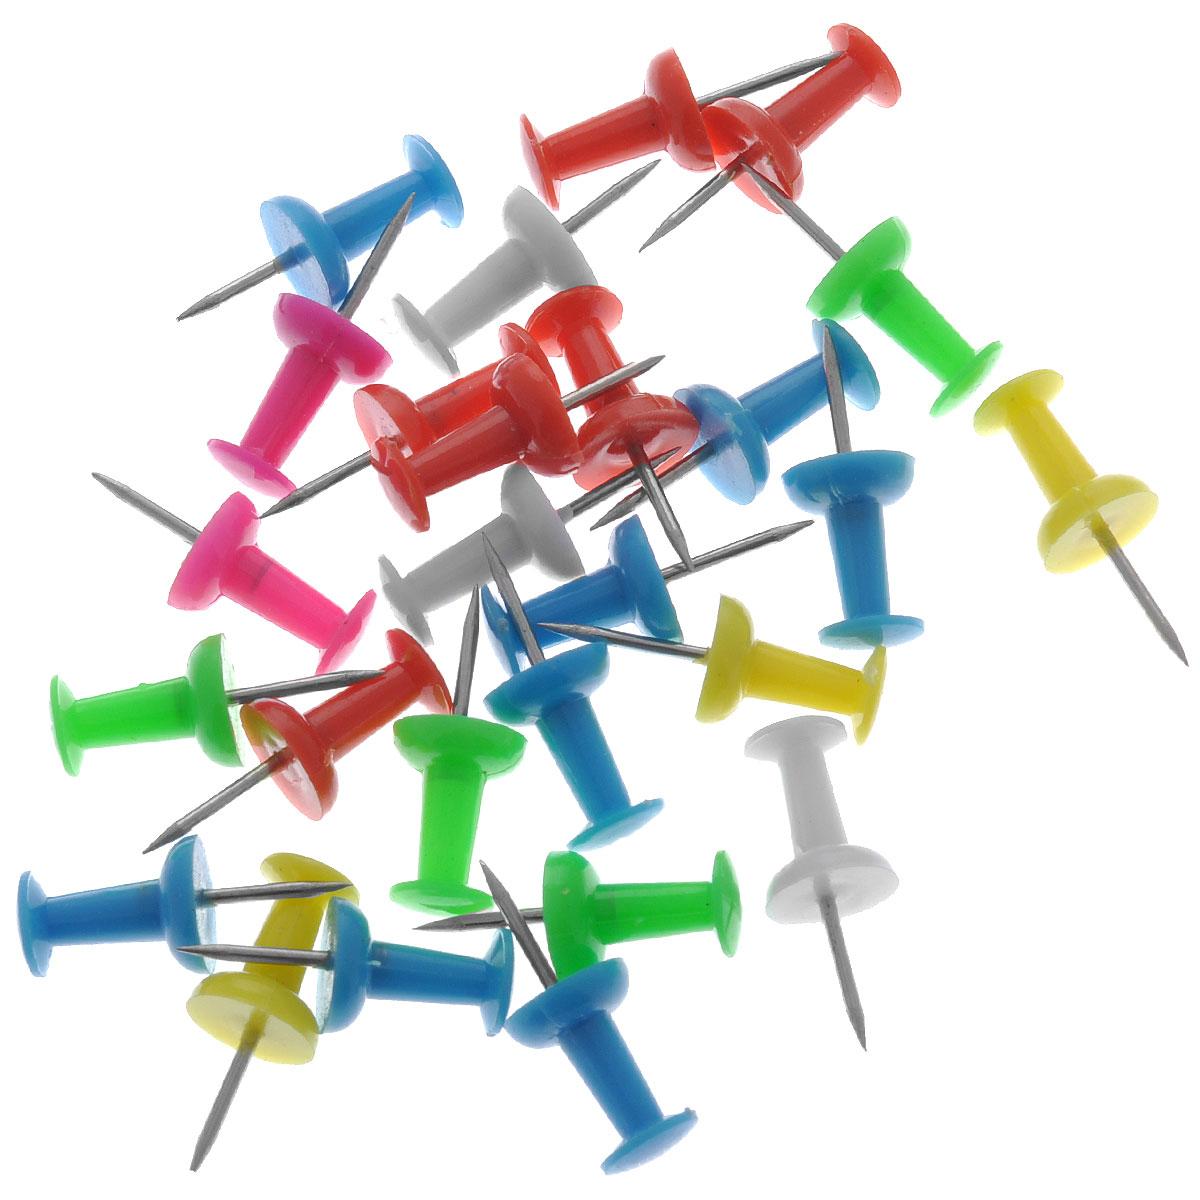 """Кнопки-гвоздики канцелярские """"Maped"""", цветные, 25 шт"""